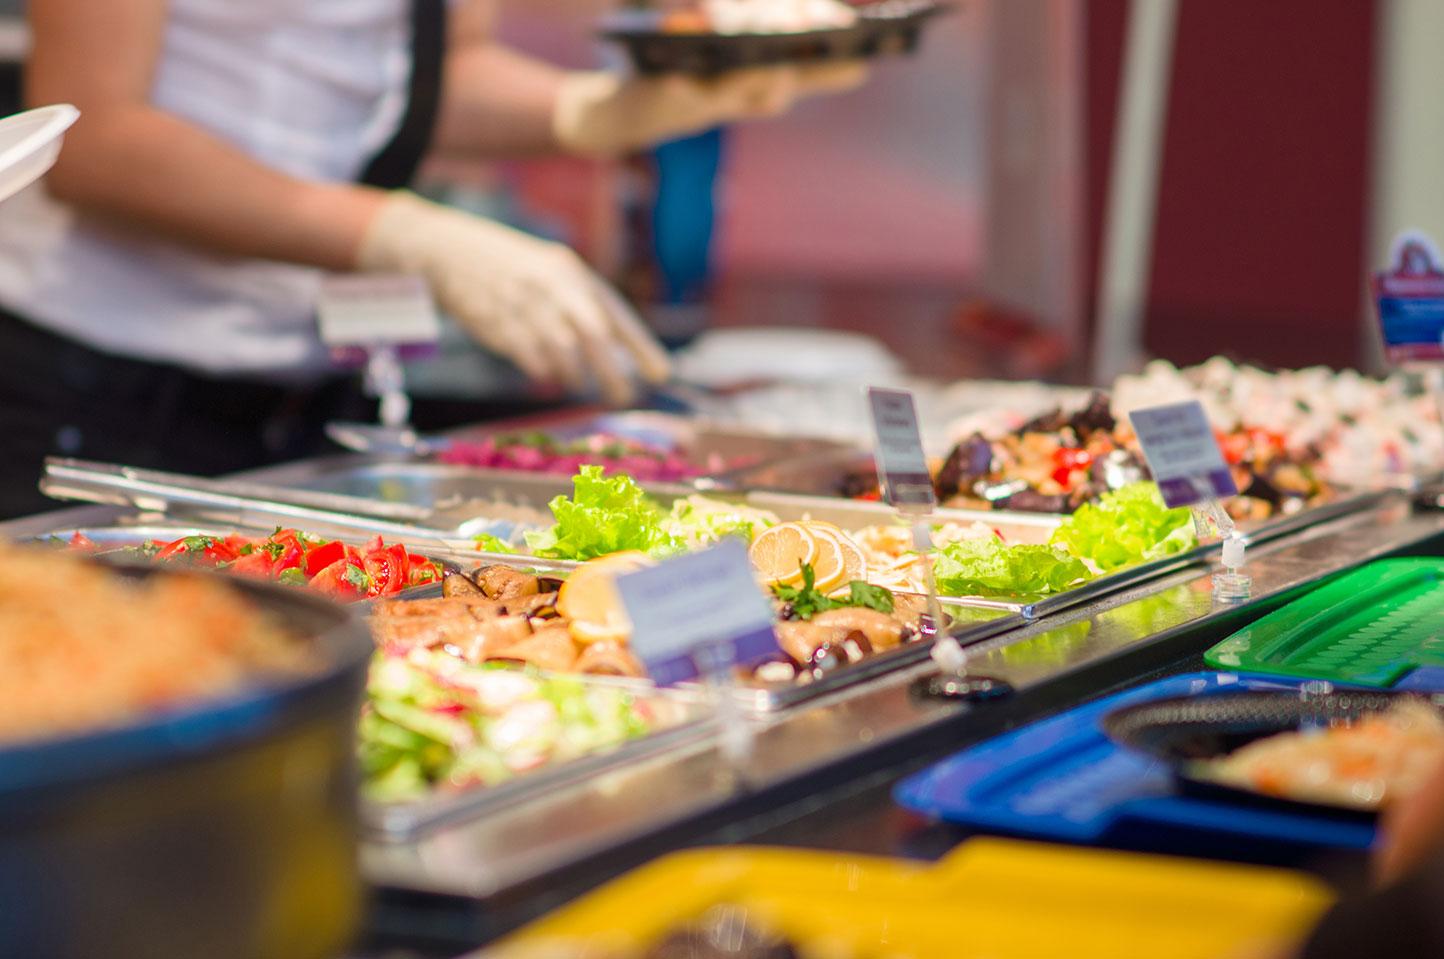 Food Handler Food Safety Servsafe Certification Exam Mcree